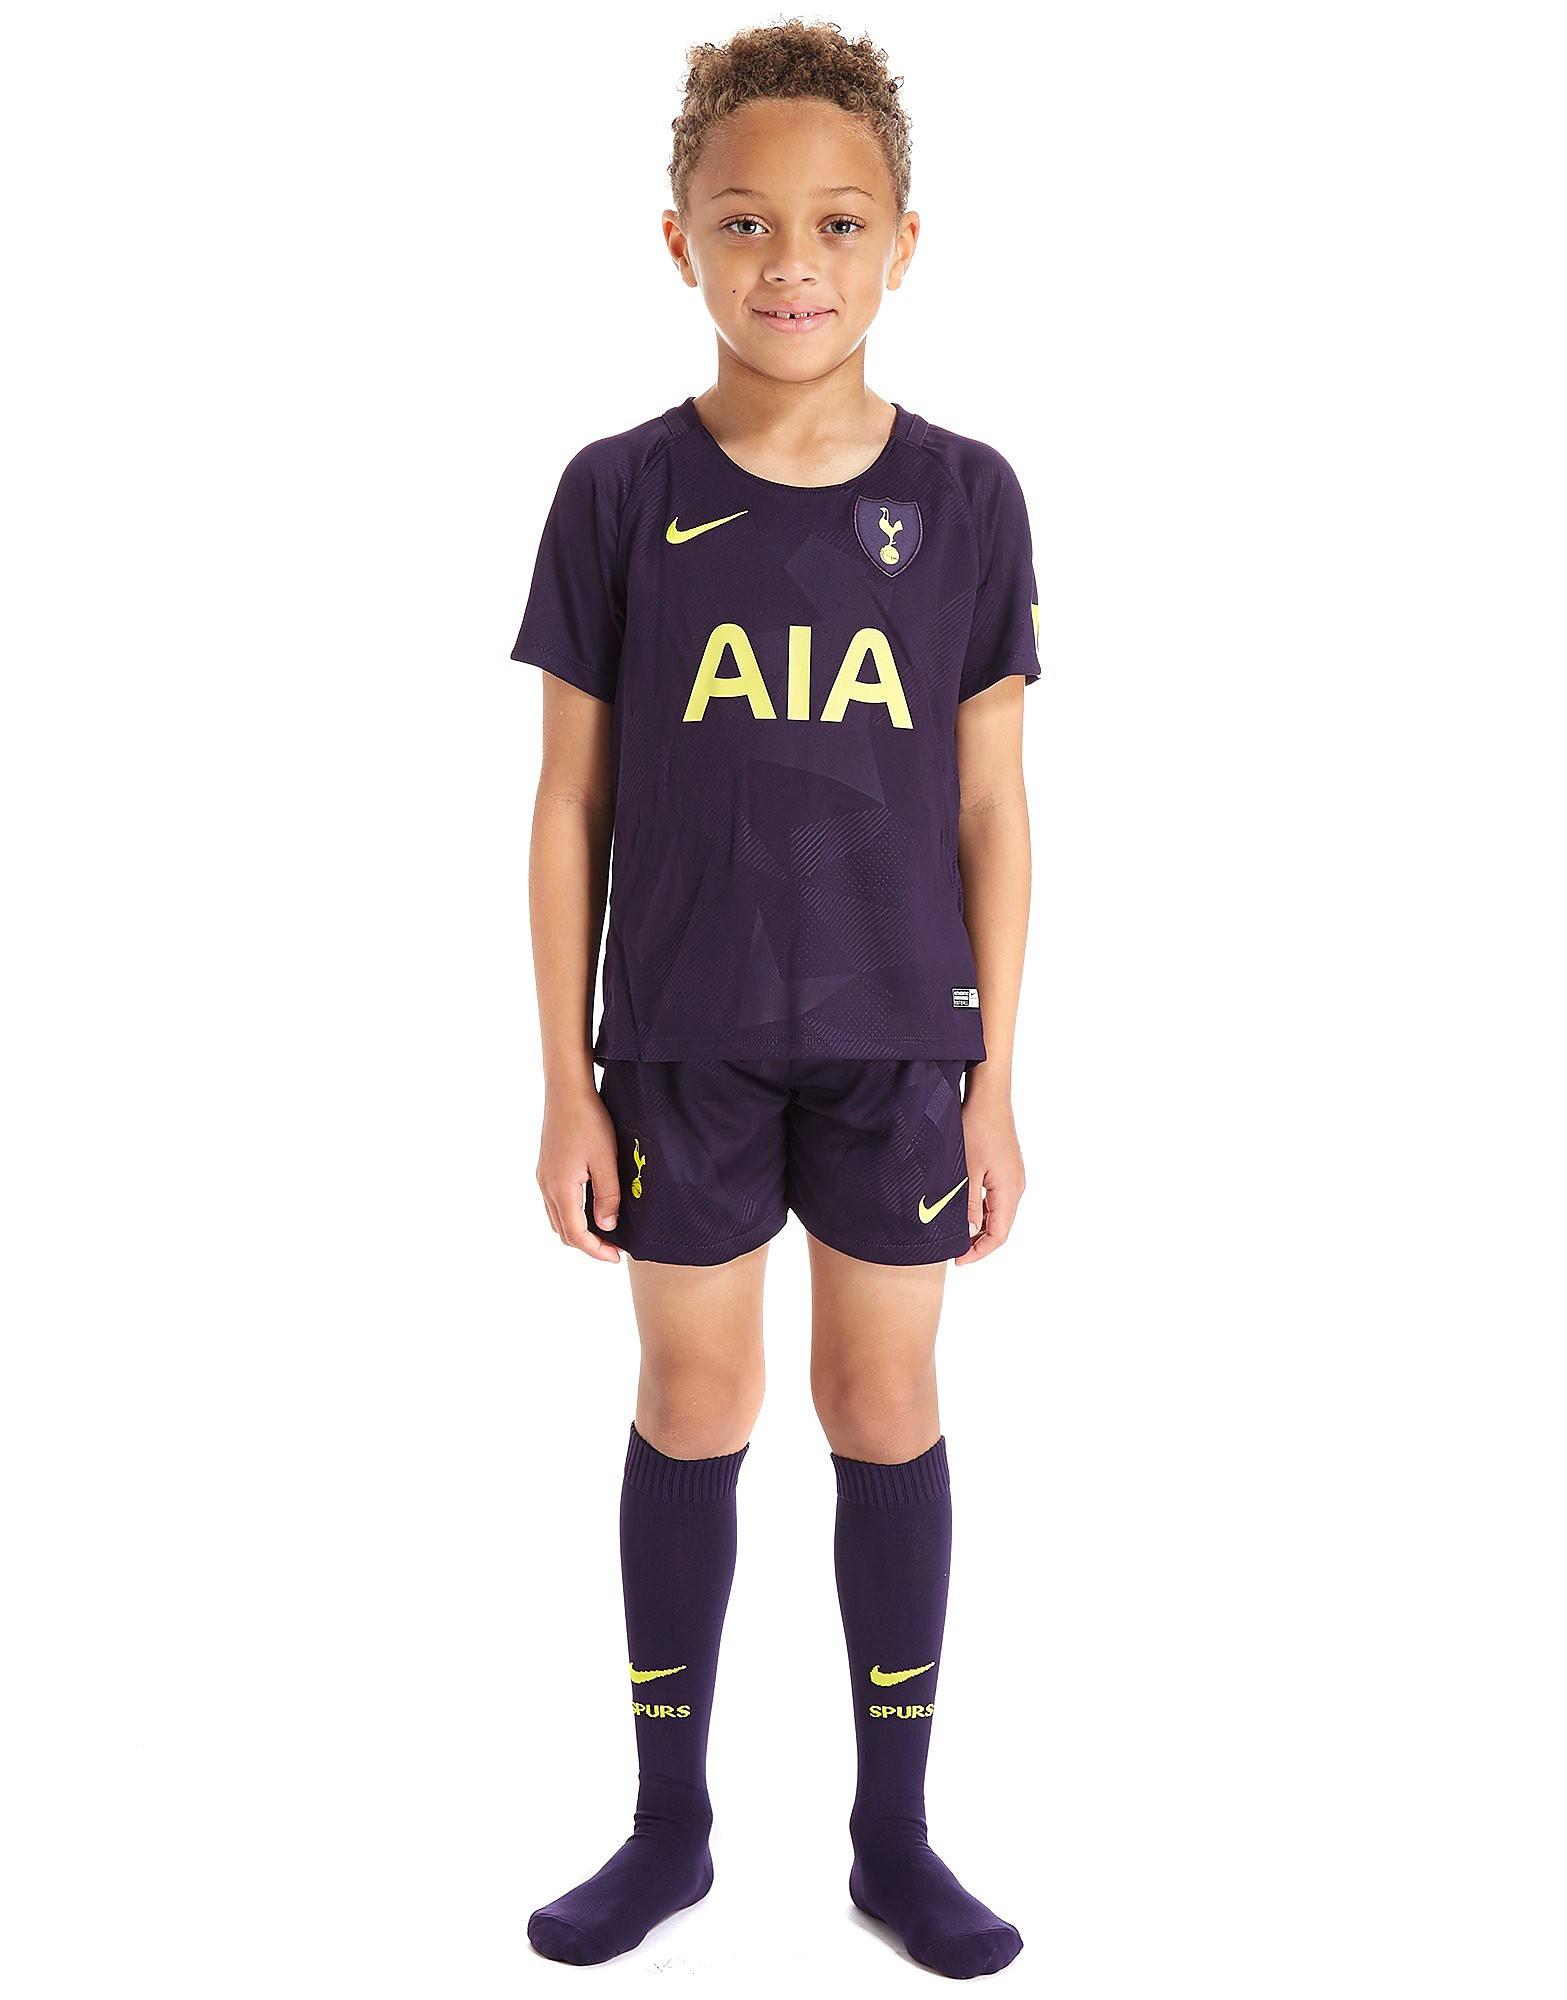 Nike Tottenham Hotspur 2017/18 Drittes Kit Kinder